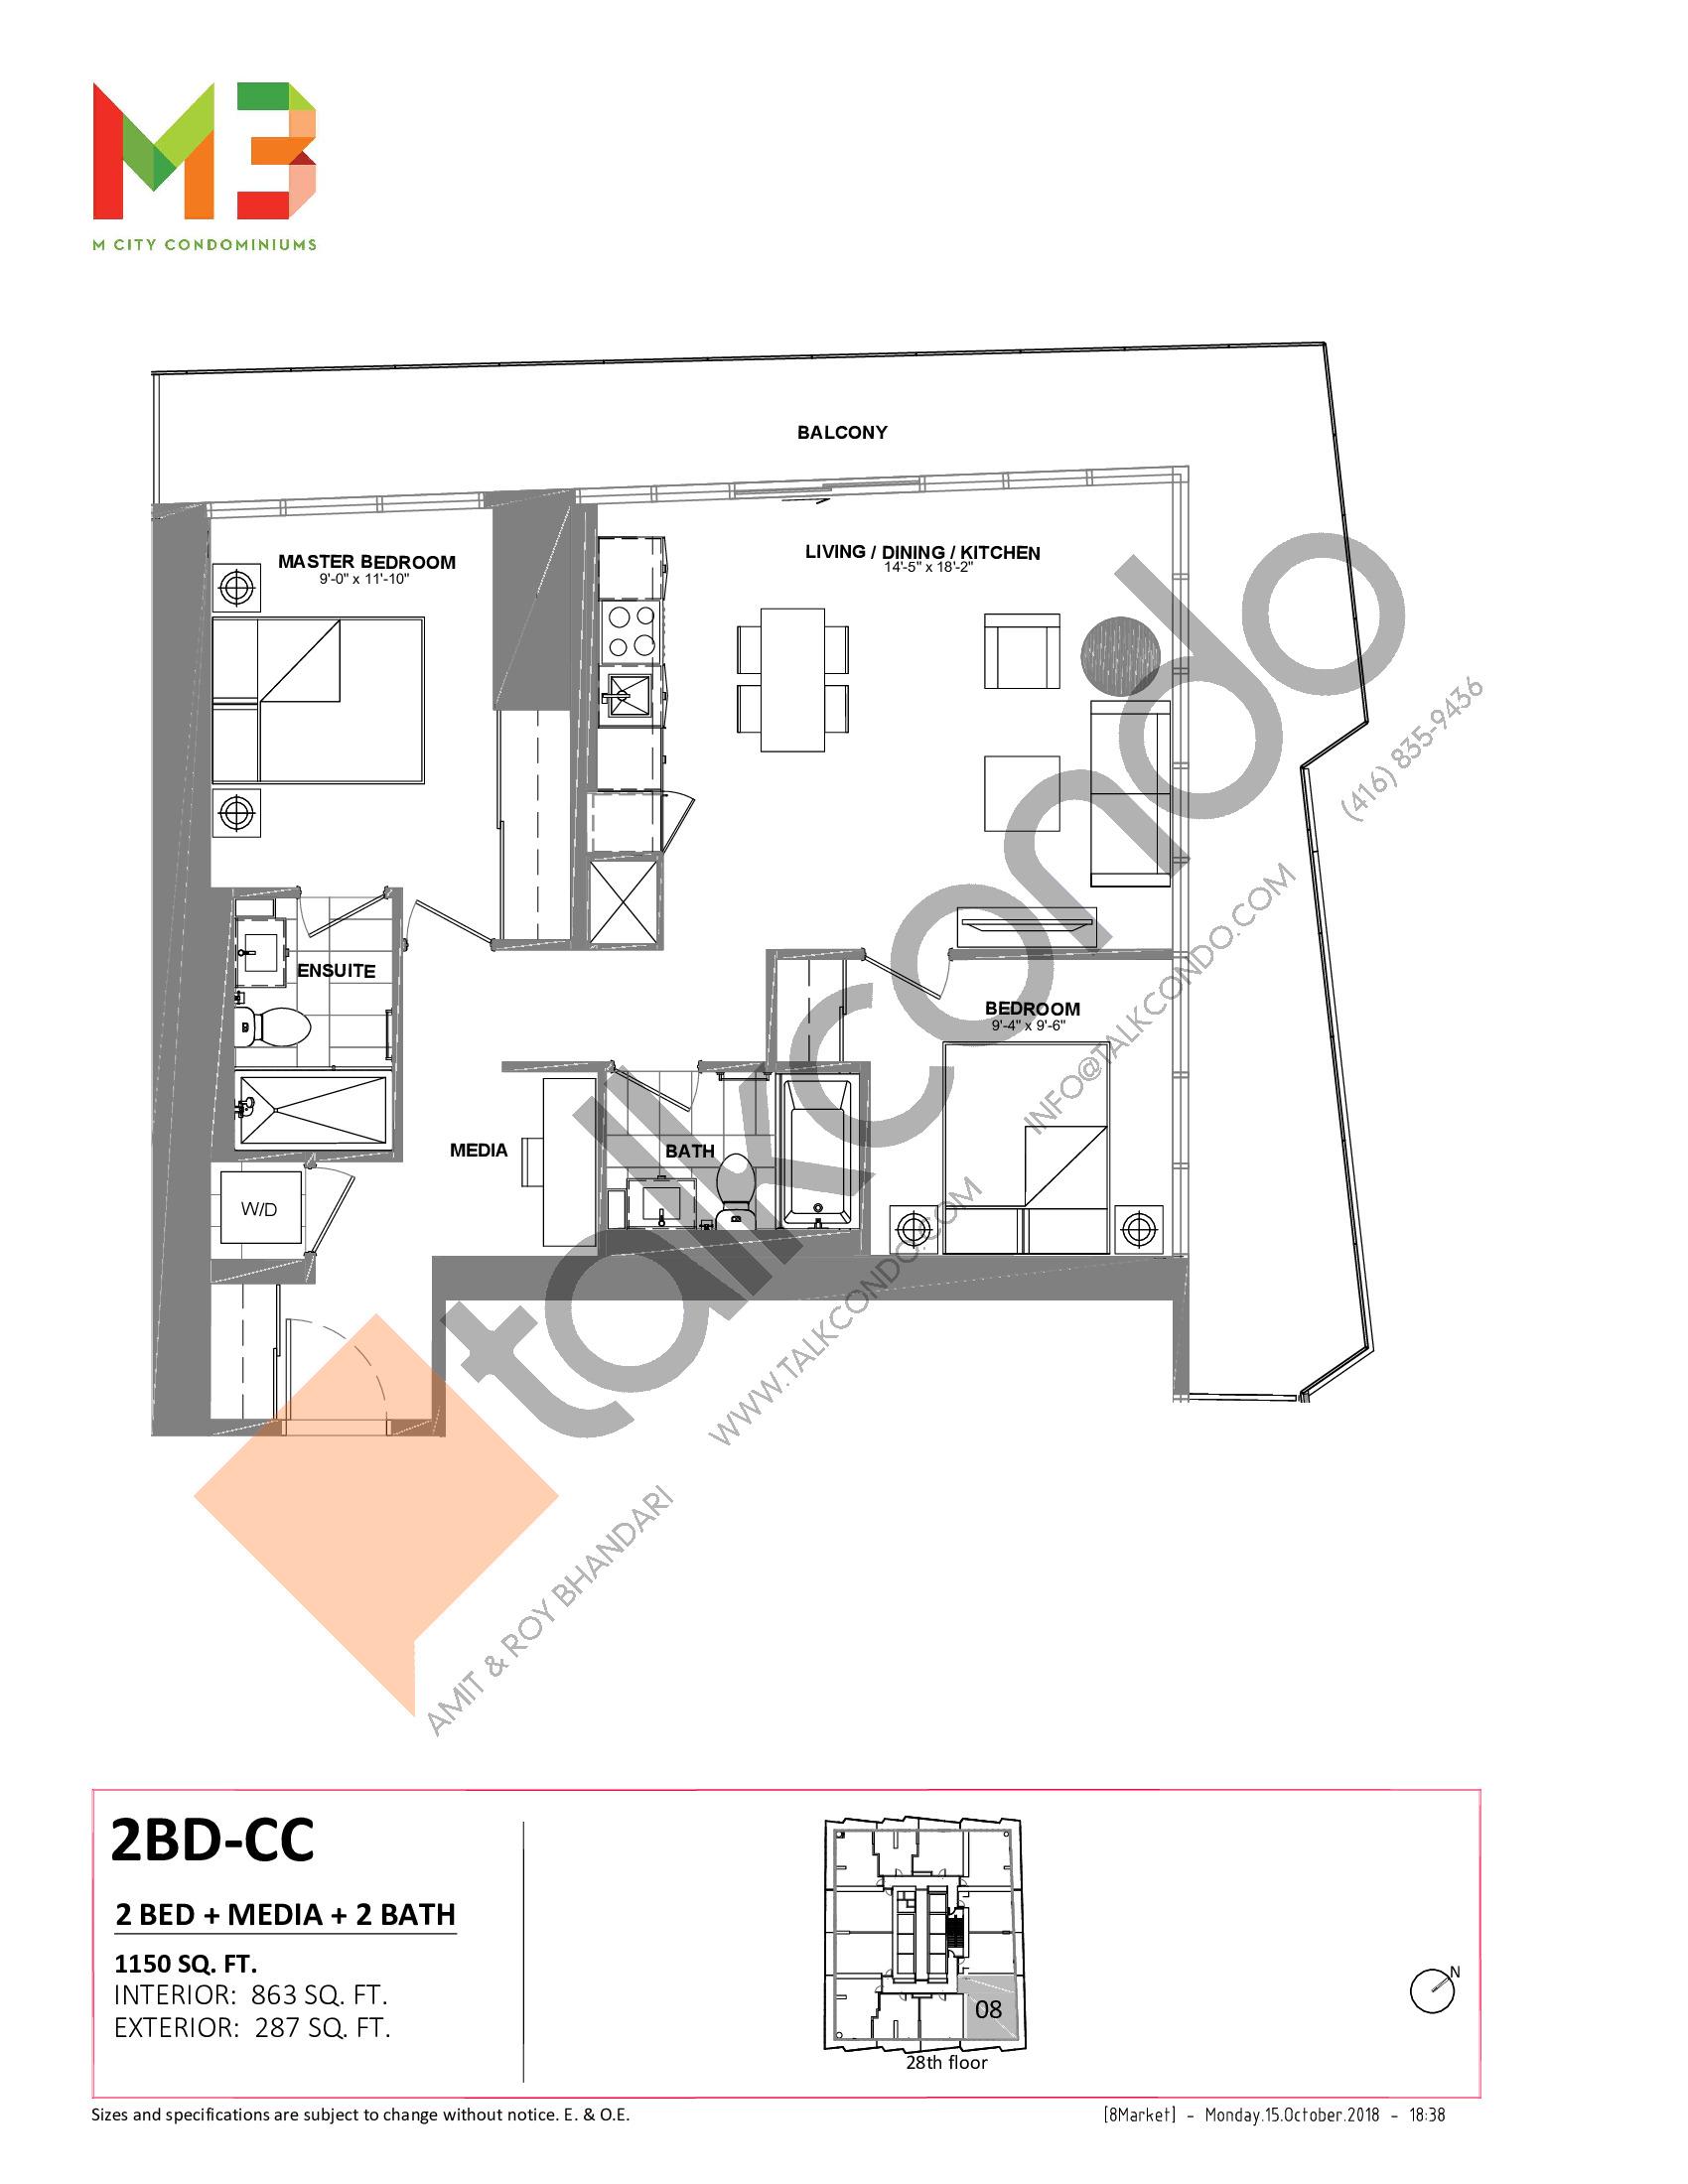 2BD-CC Floor Plan at M3 Condos - 863 sq.ft